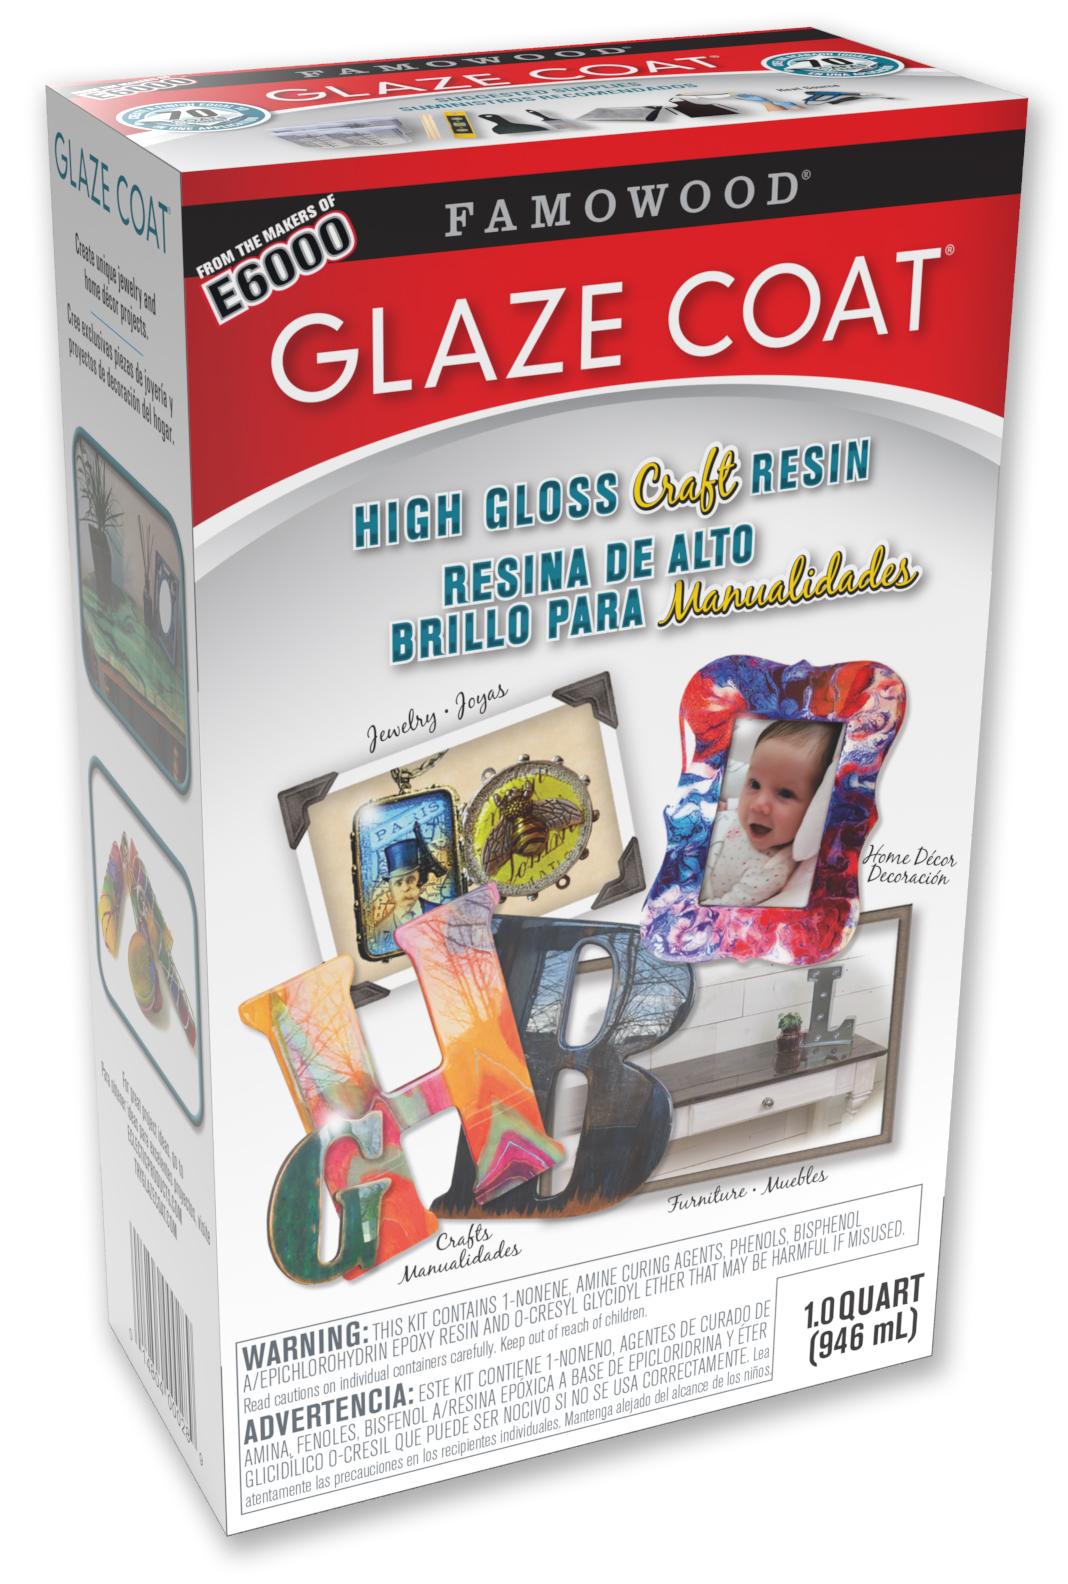 gc CRAFT 1 QT box kit US 300dpi - Famowood Glaze Coat Application Instructions